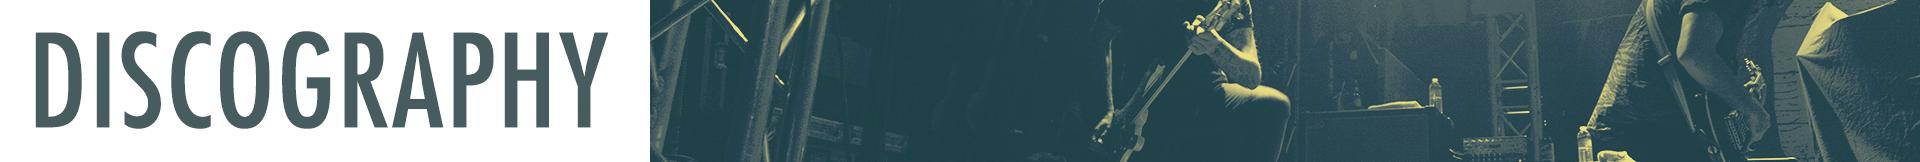 web_banner_v3_discography.png